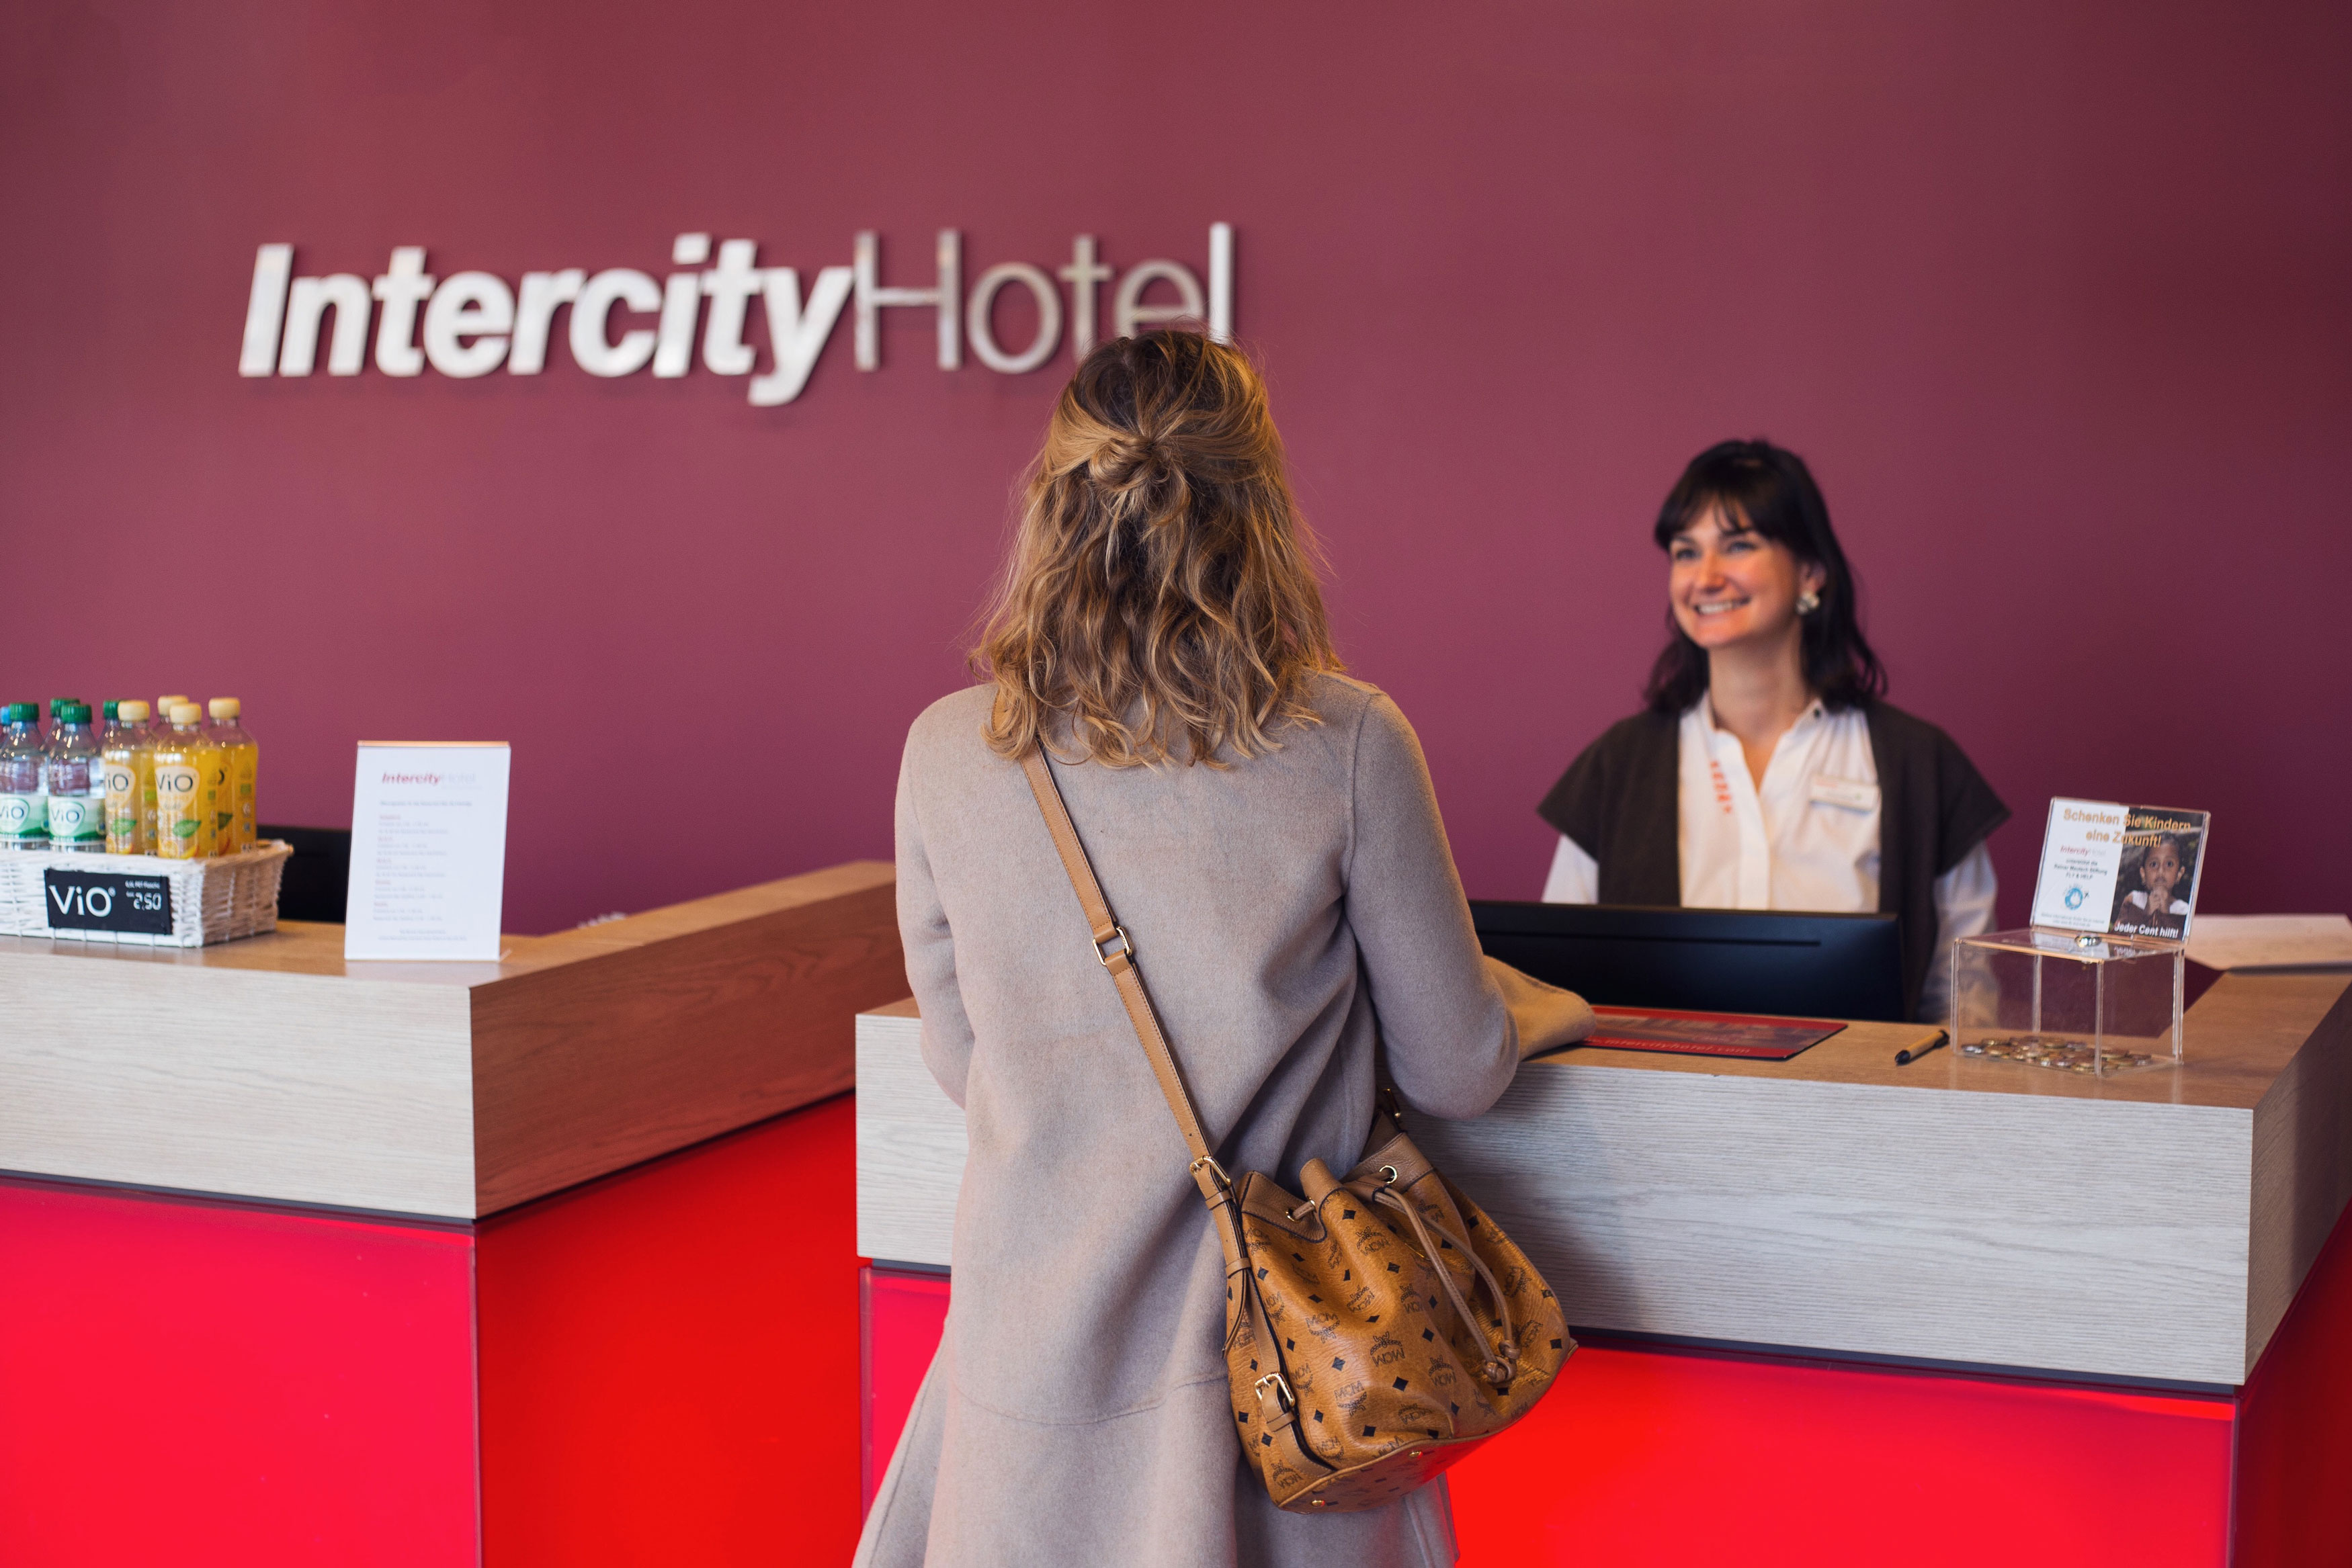 Neueröffnung: InterCity Hotel Braunschweig | How I met my outfit by Dana Lohmüller